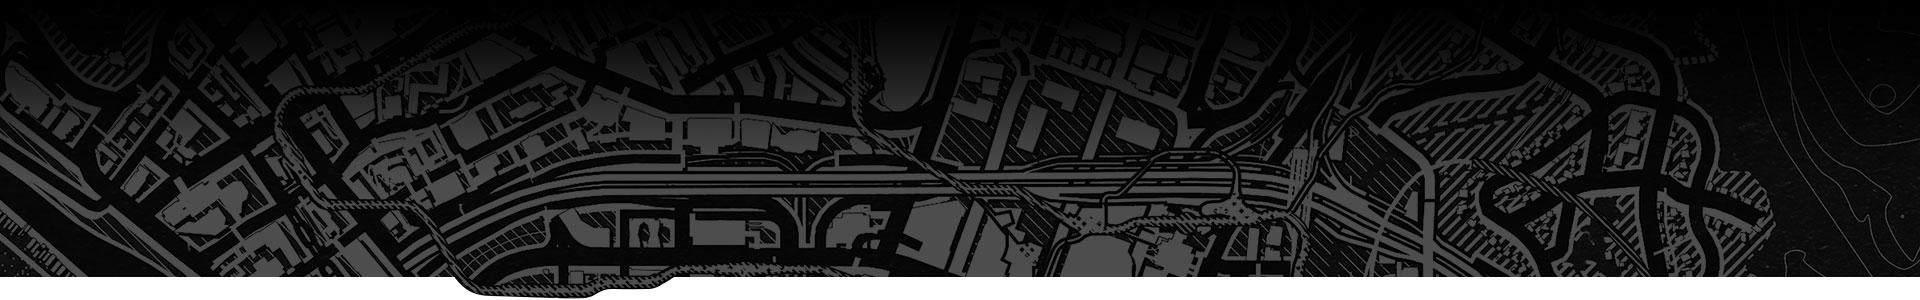 Mapa en blanco y negro de Los Santos.